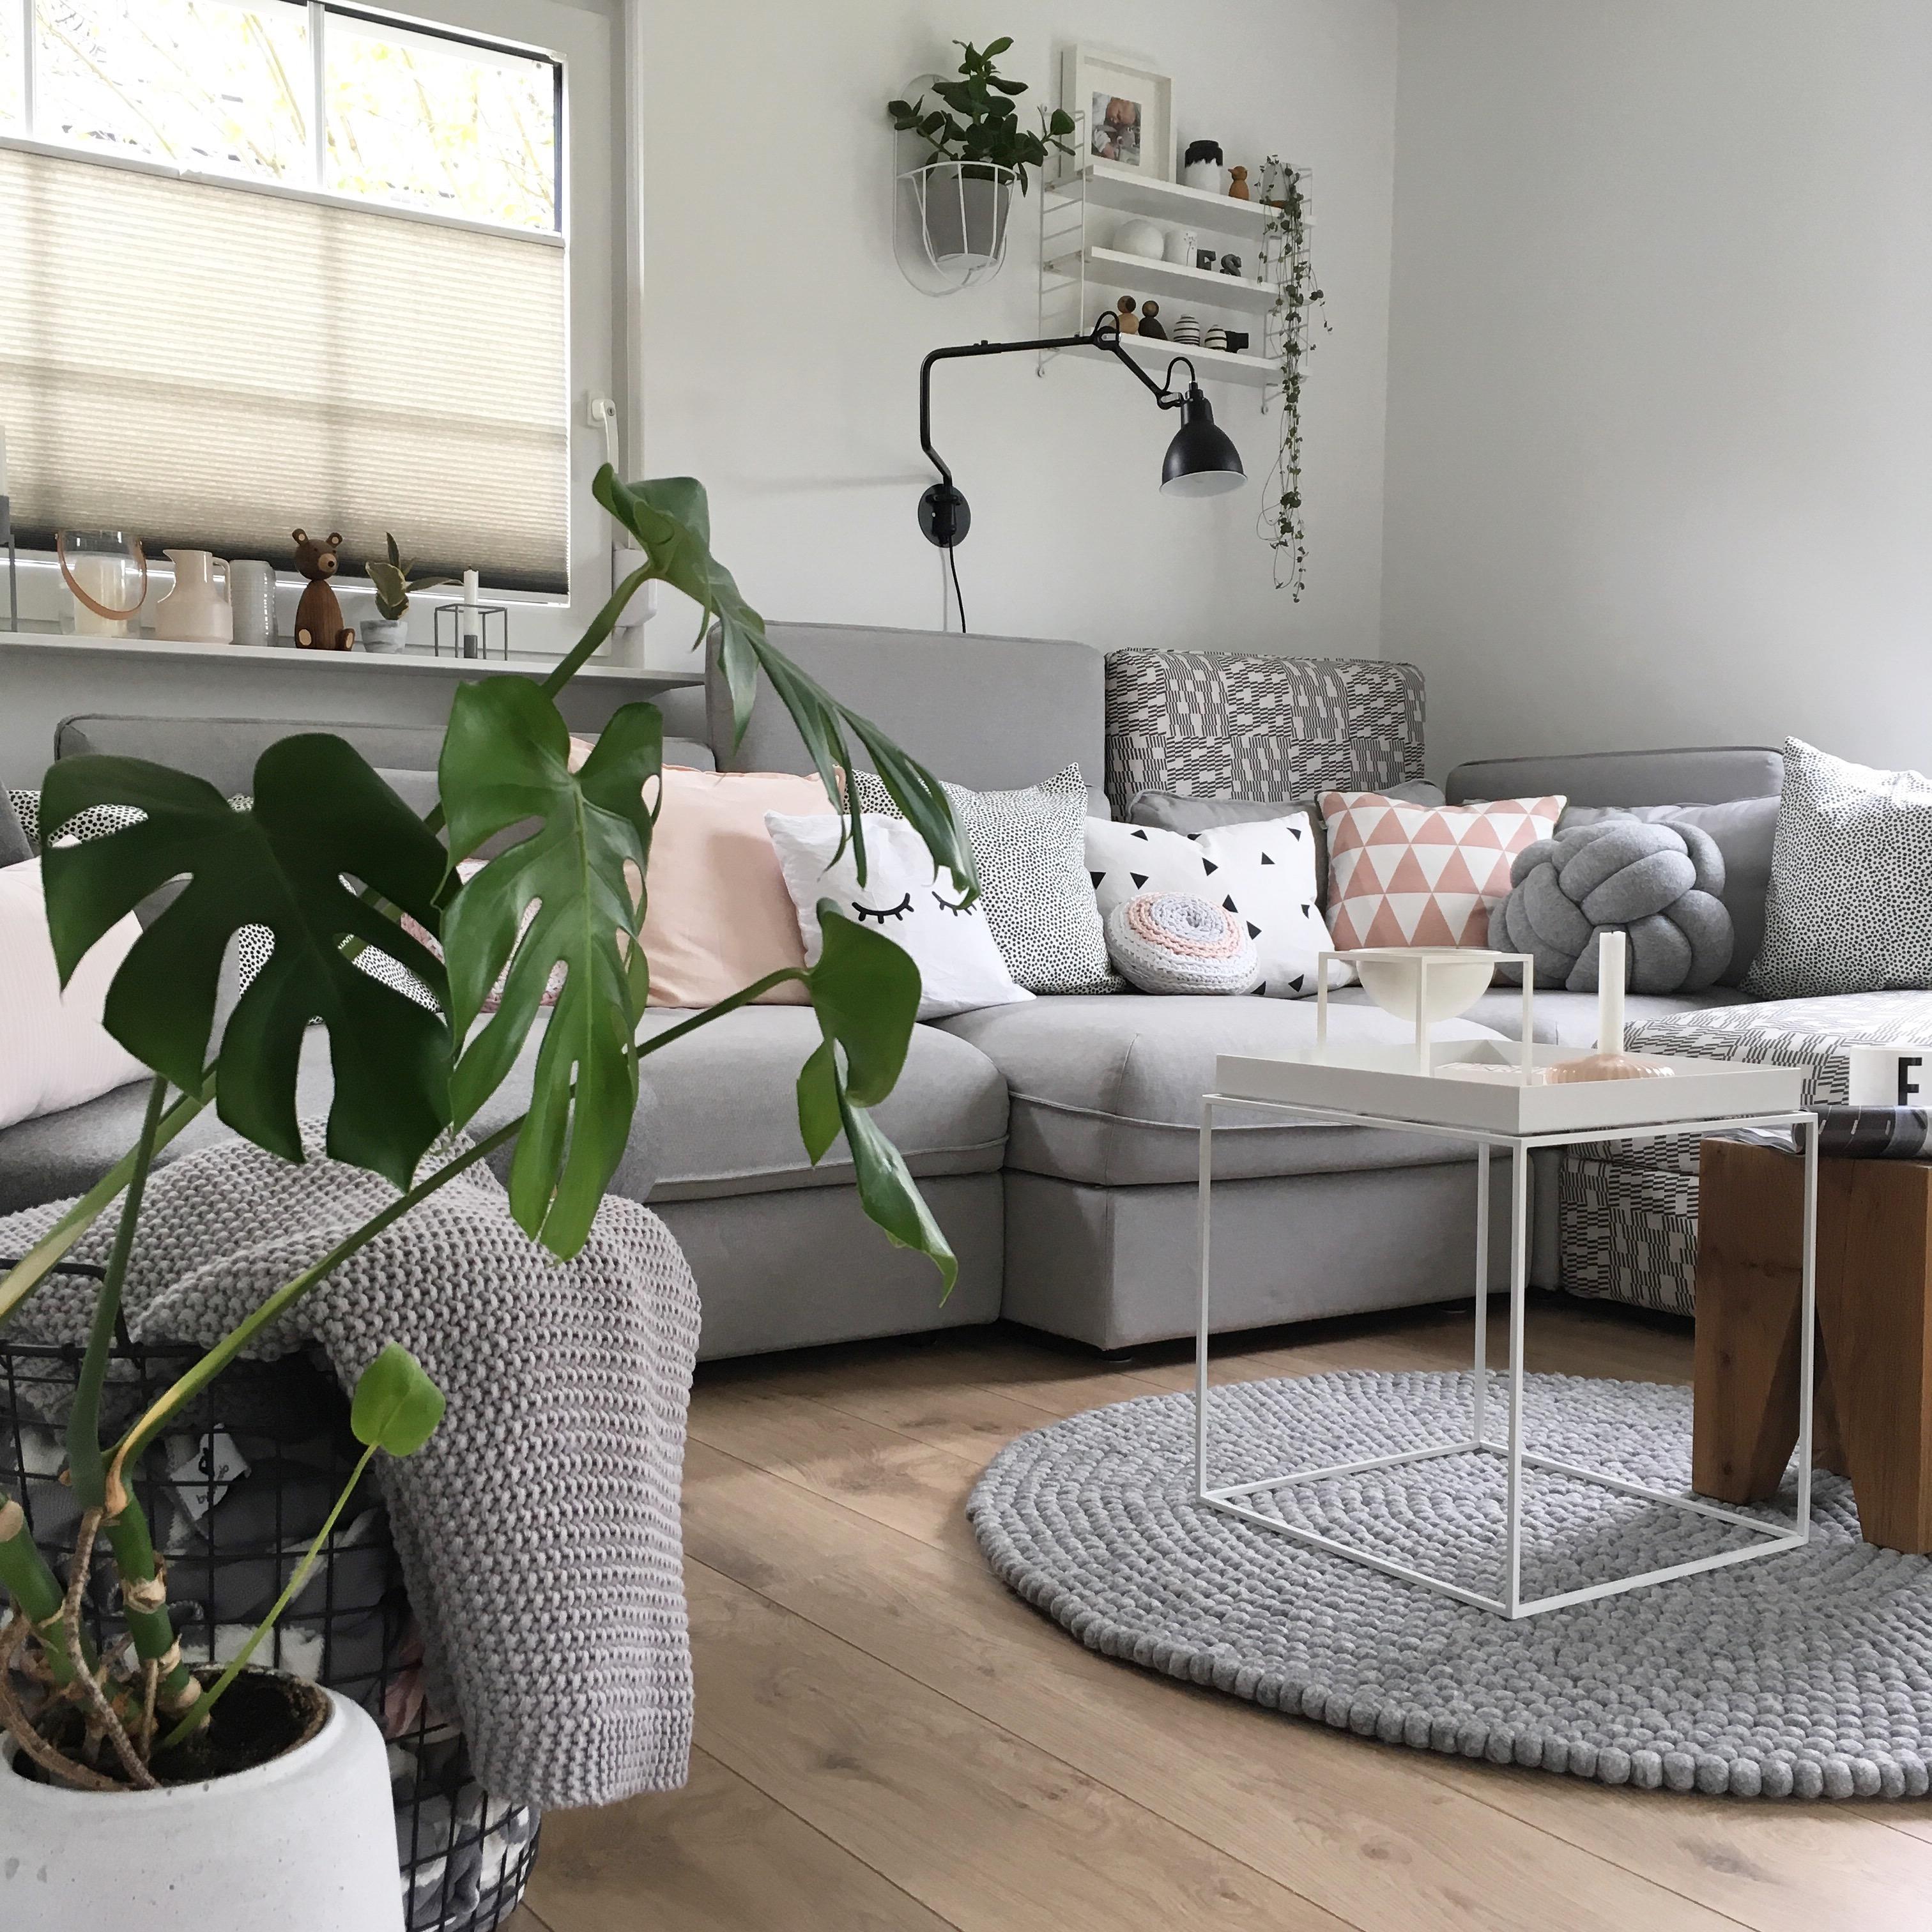 Künstlerisch Sofa Wohnzimmer Beste Wahl Und Die Andere Seite: #wohnzimmer #livingchallenge #sofa